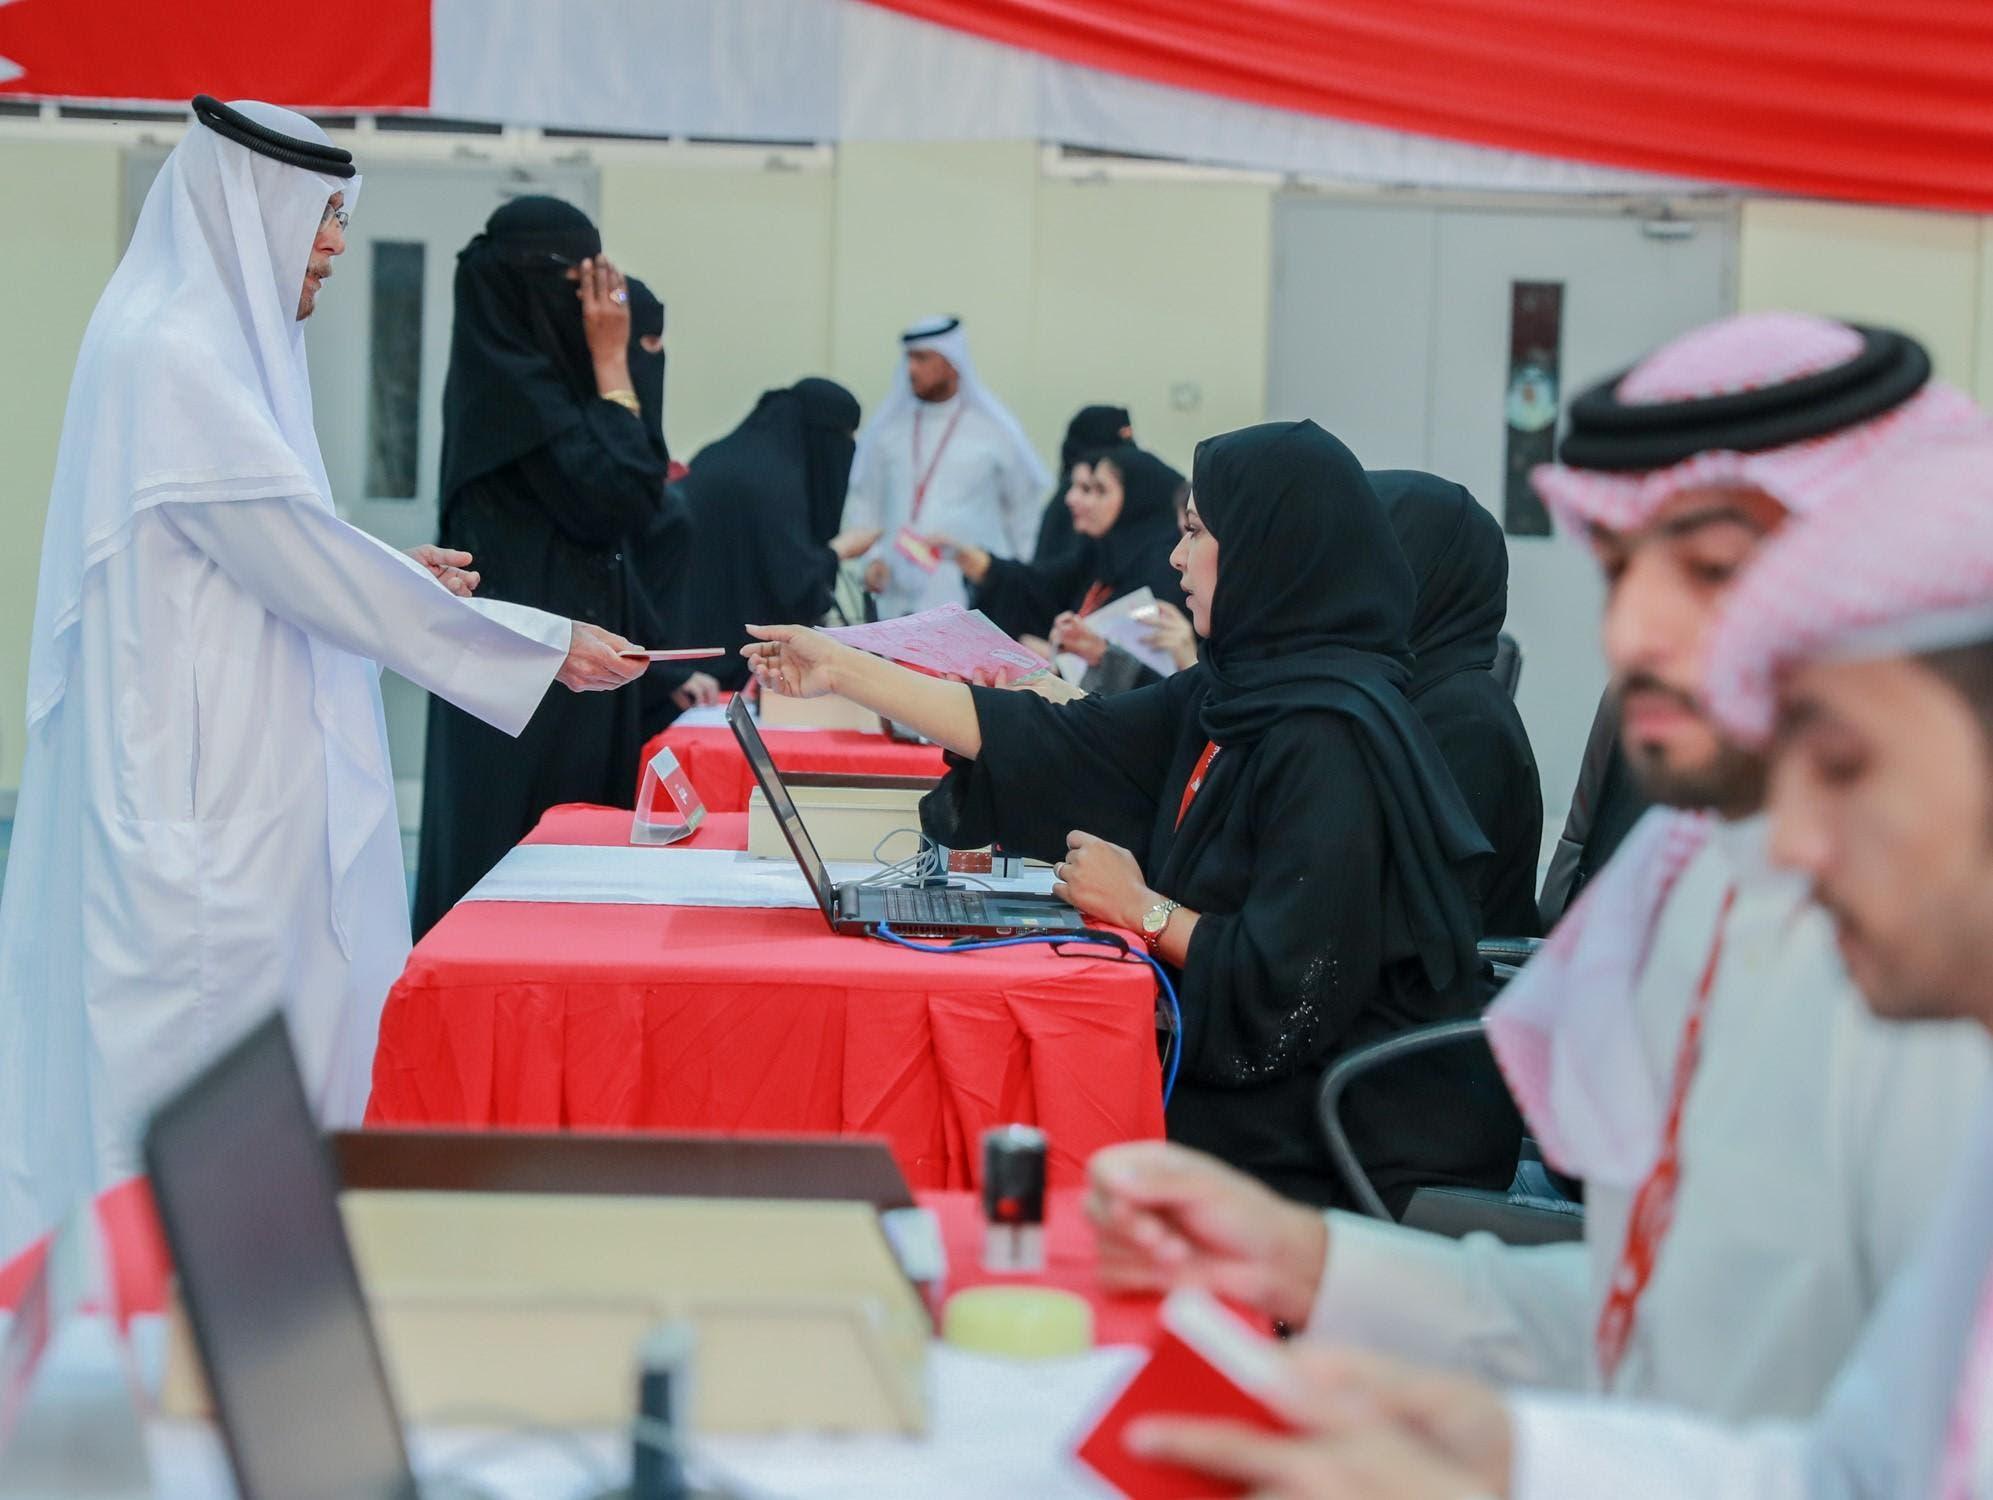 آغاز انتخابات پارلمانی و شهرداری در بحرین با مشارکت گسترده جوانان